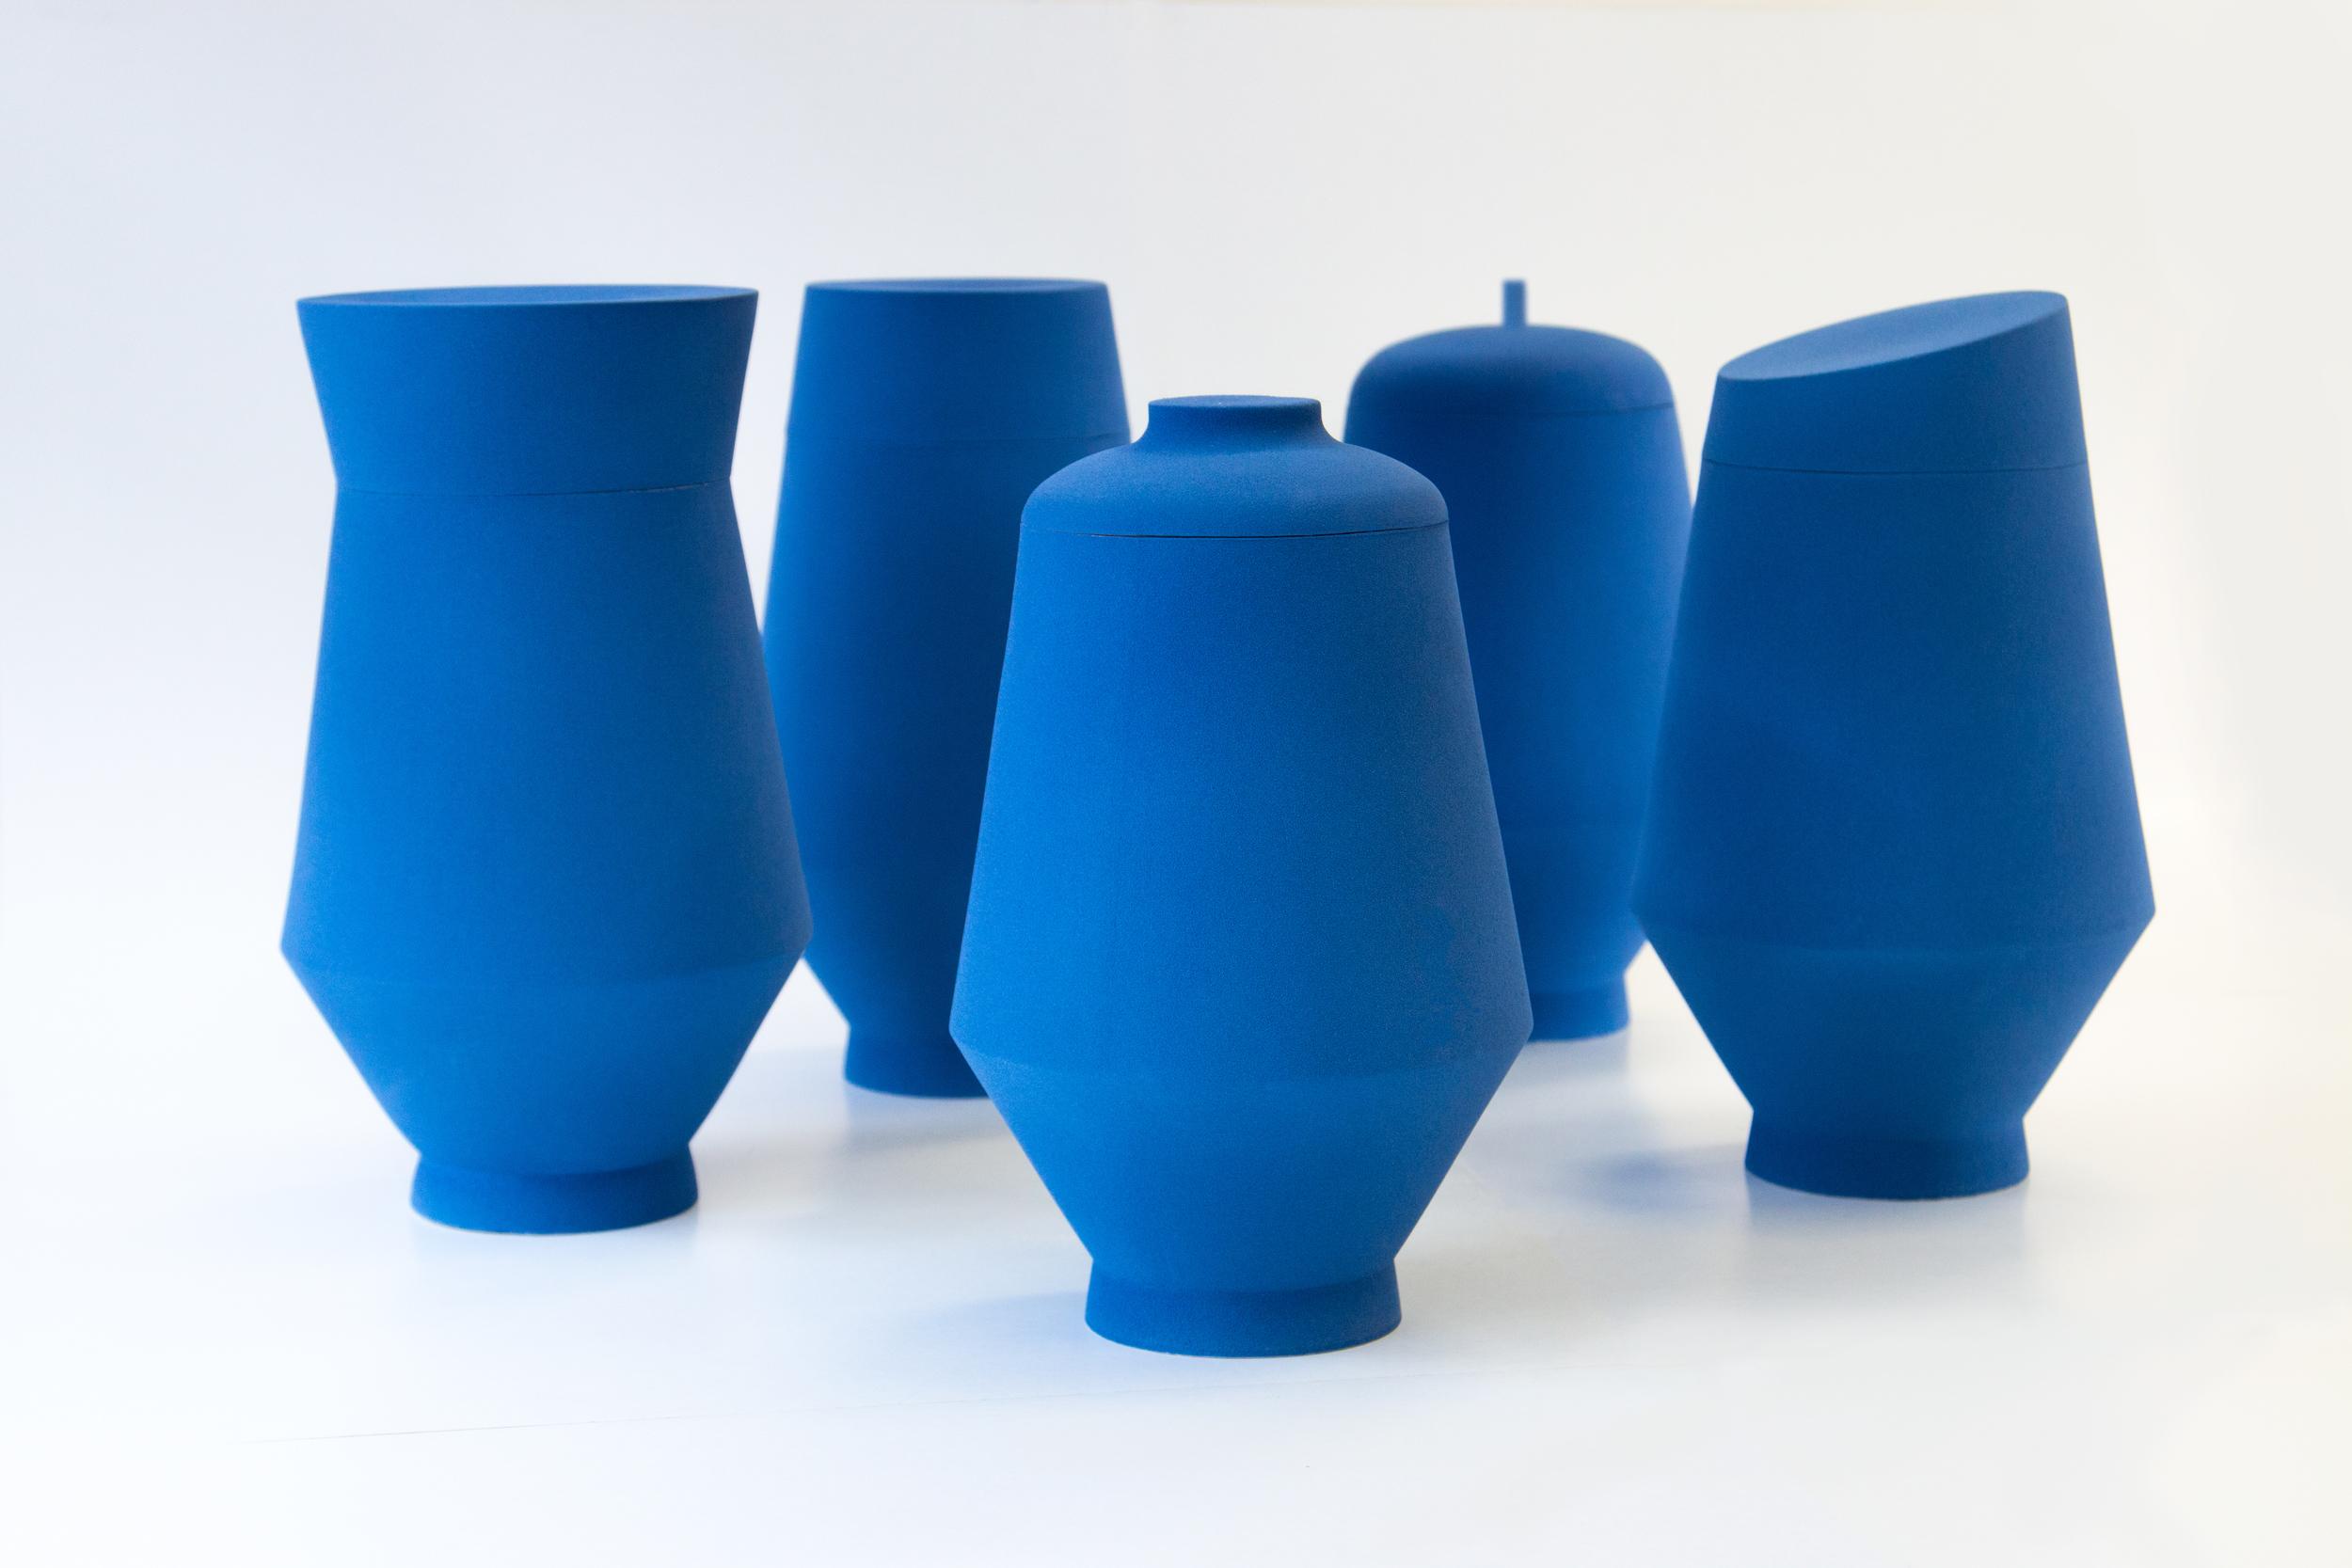 Tall urns